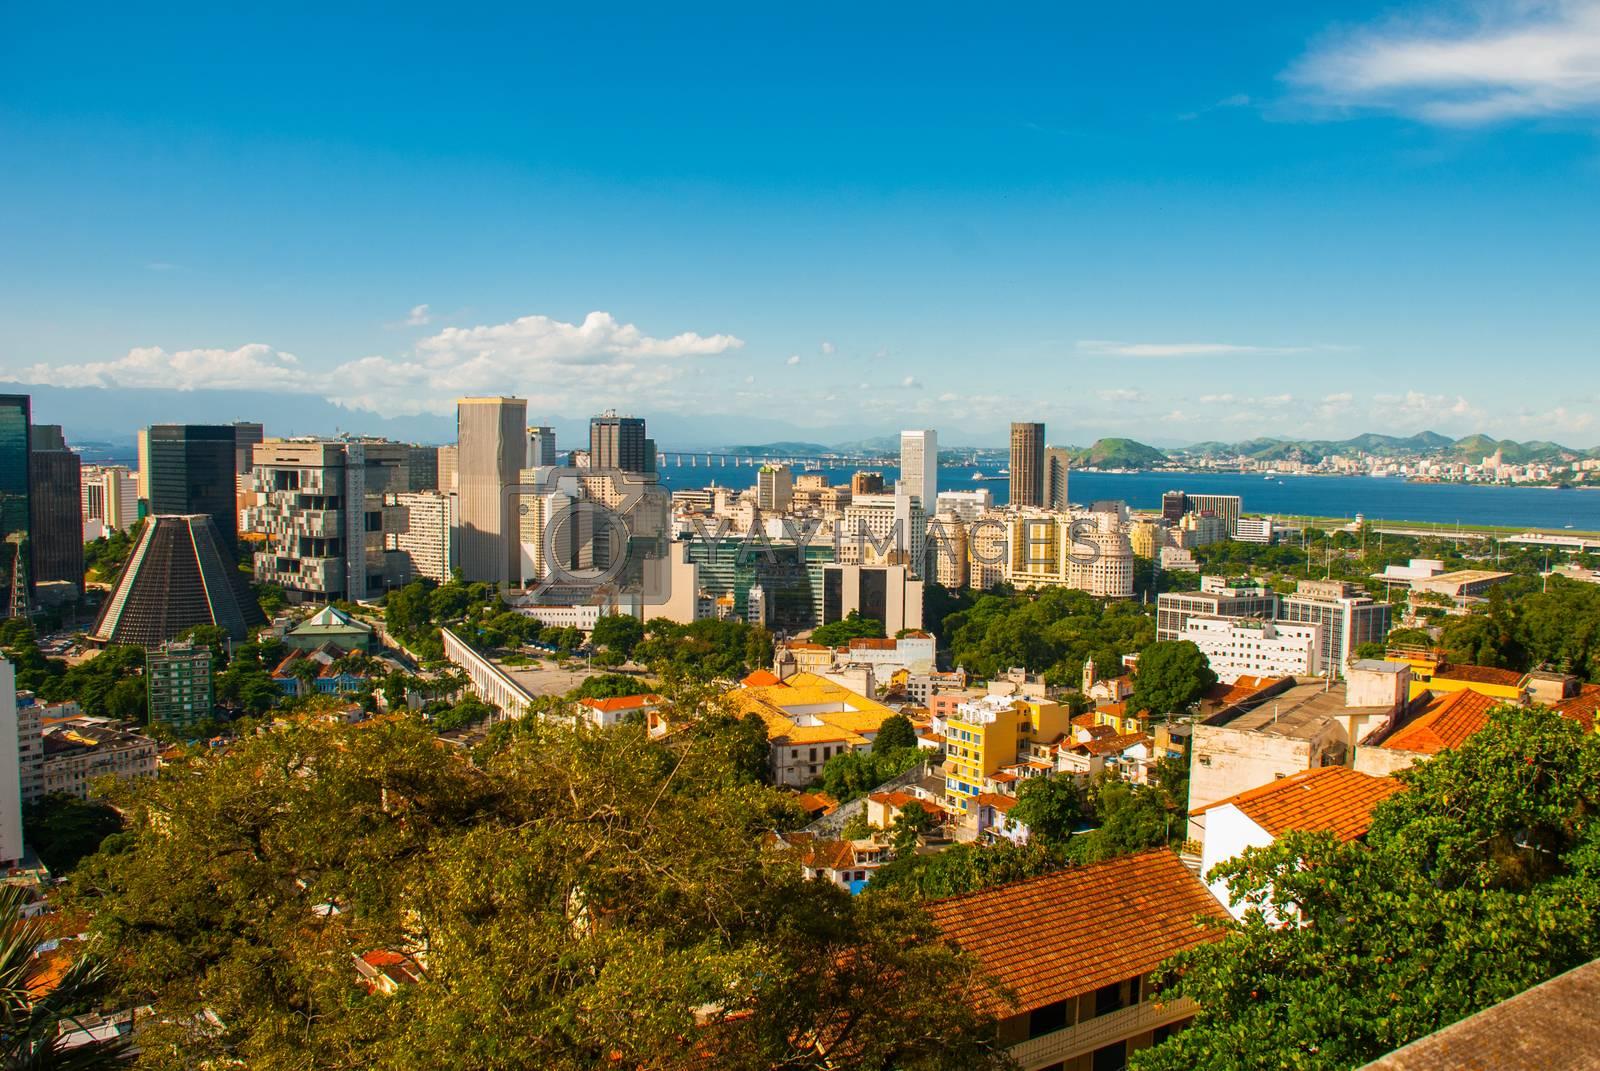 Brasil, Rio de Janeiro: Rio de Janeiro cityscape with the Carioca Aqueduct. The Metropolitan Cathedral of Saint Sebastian